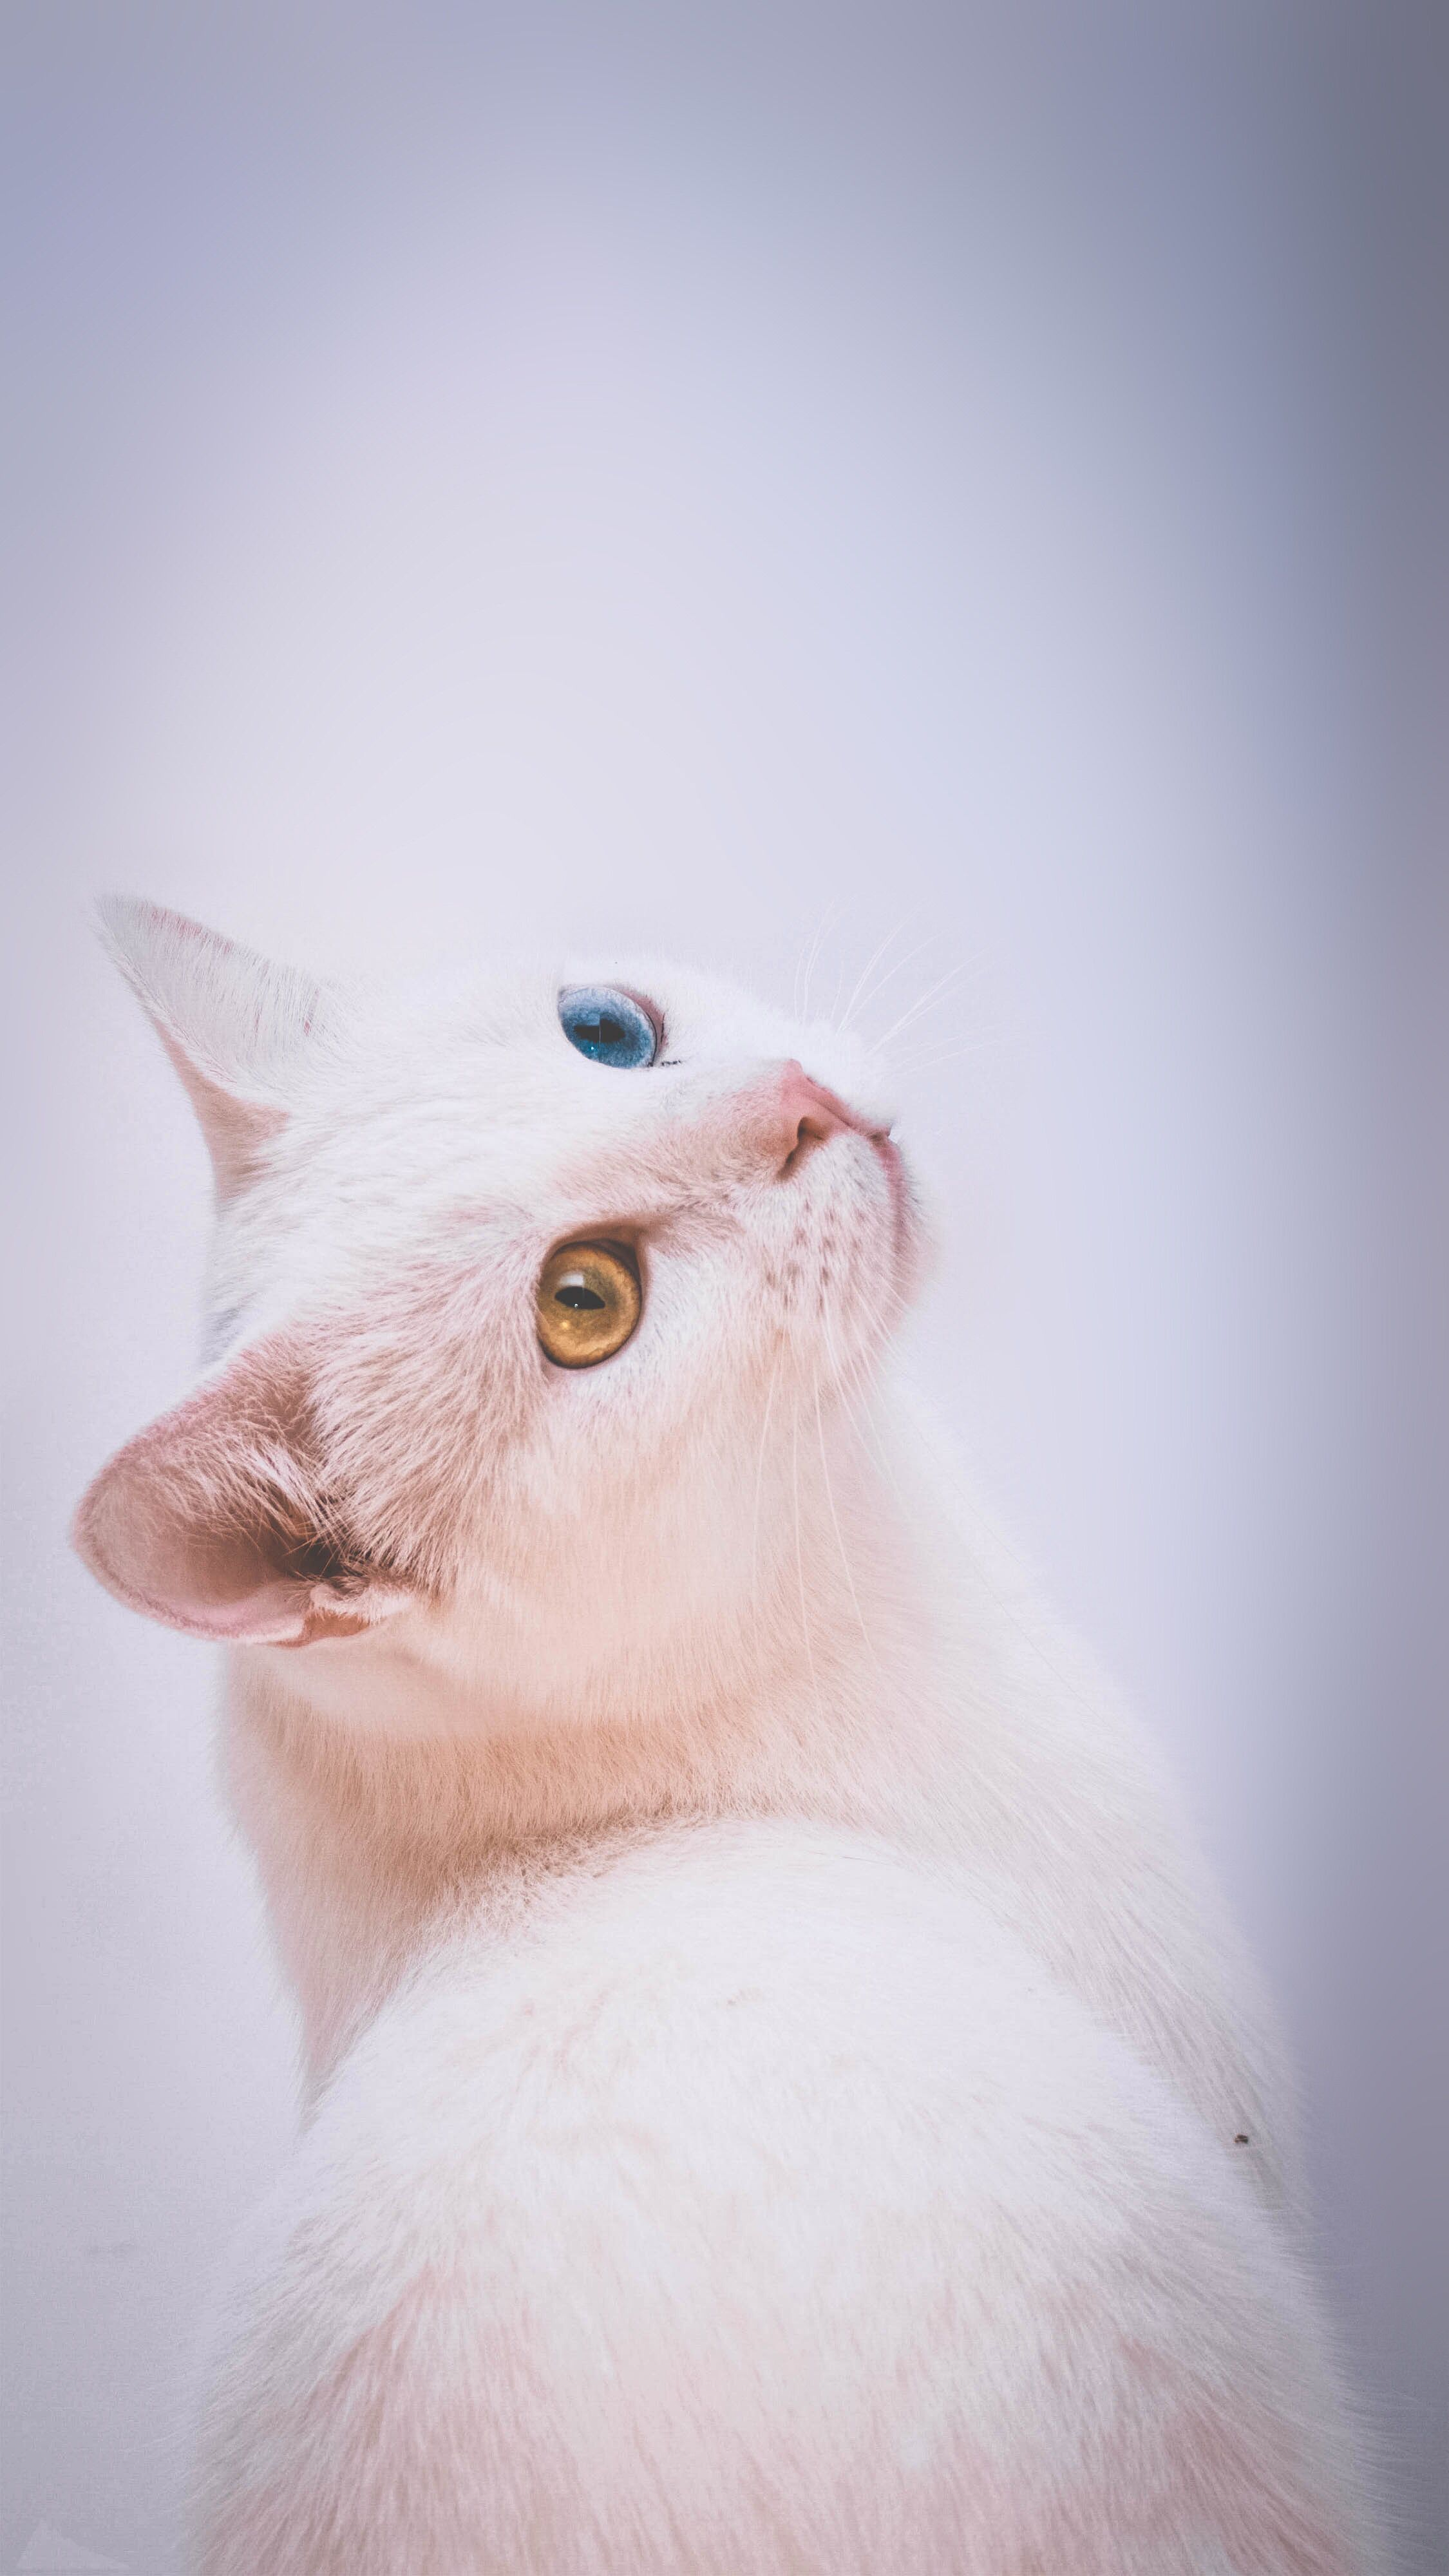 Cat Wallpaper For Phone 動物 かわいい ペット かわいい